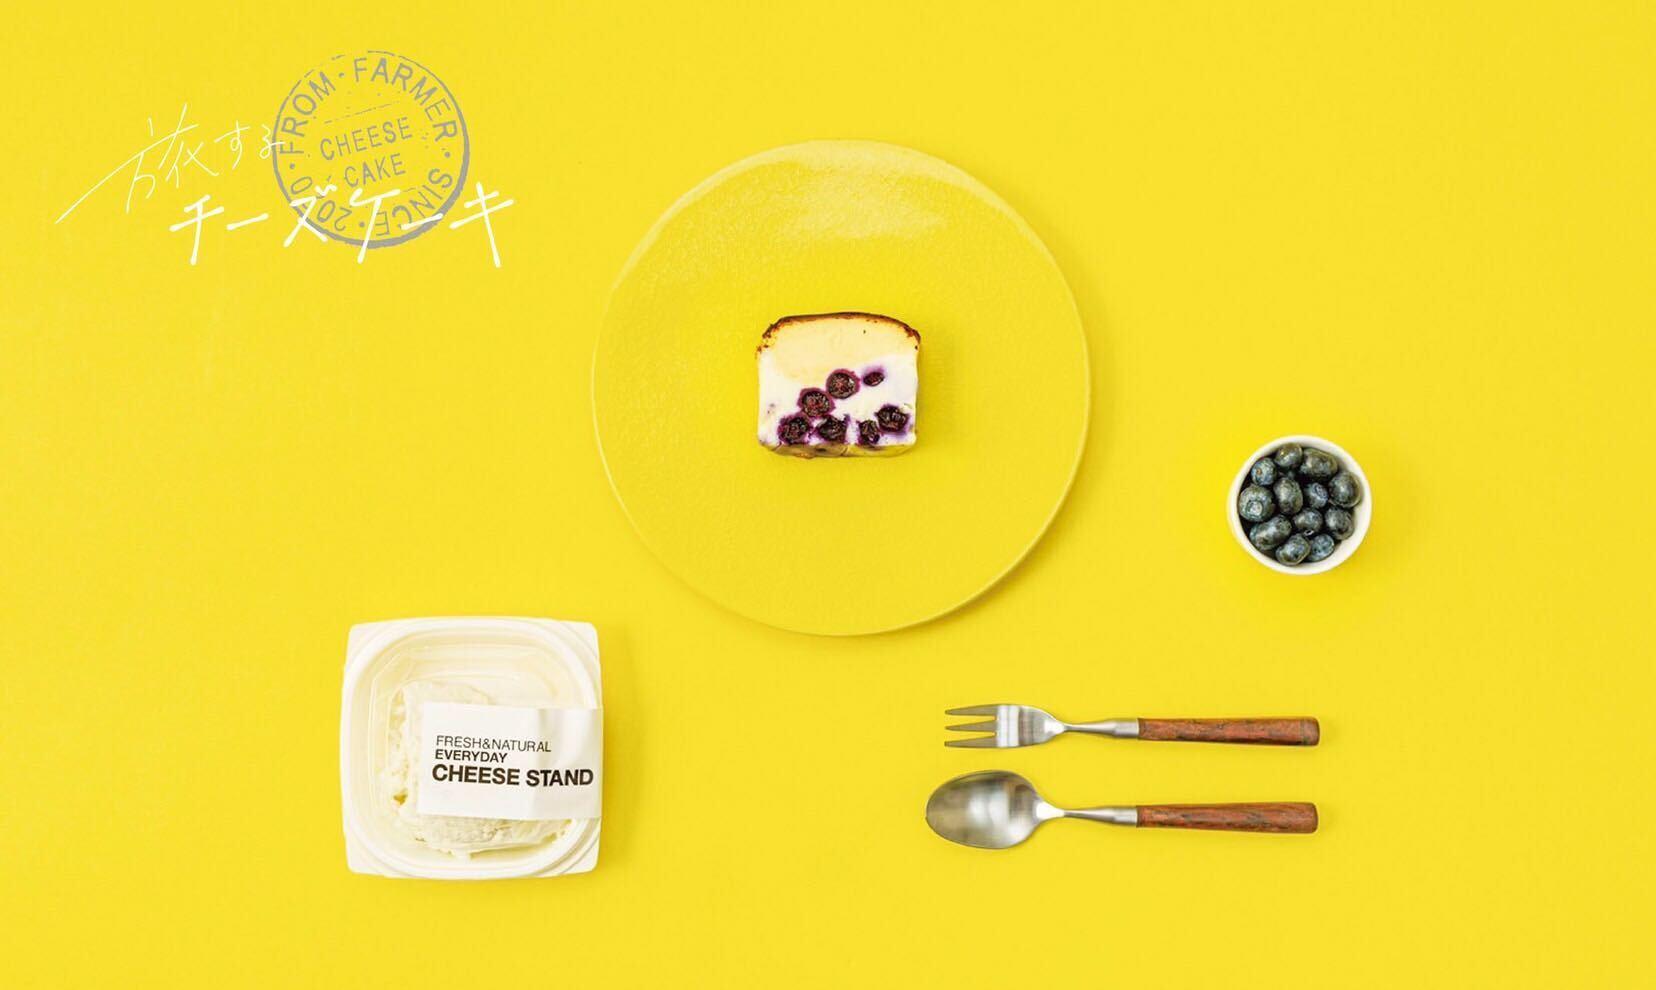 【店頭受け取り希望の方はこちらから】旅するチーズケーキ ハーフ from つくばブルーベリーゆうファーム